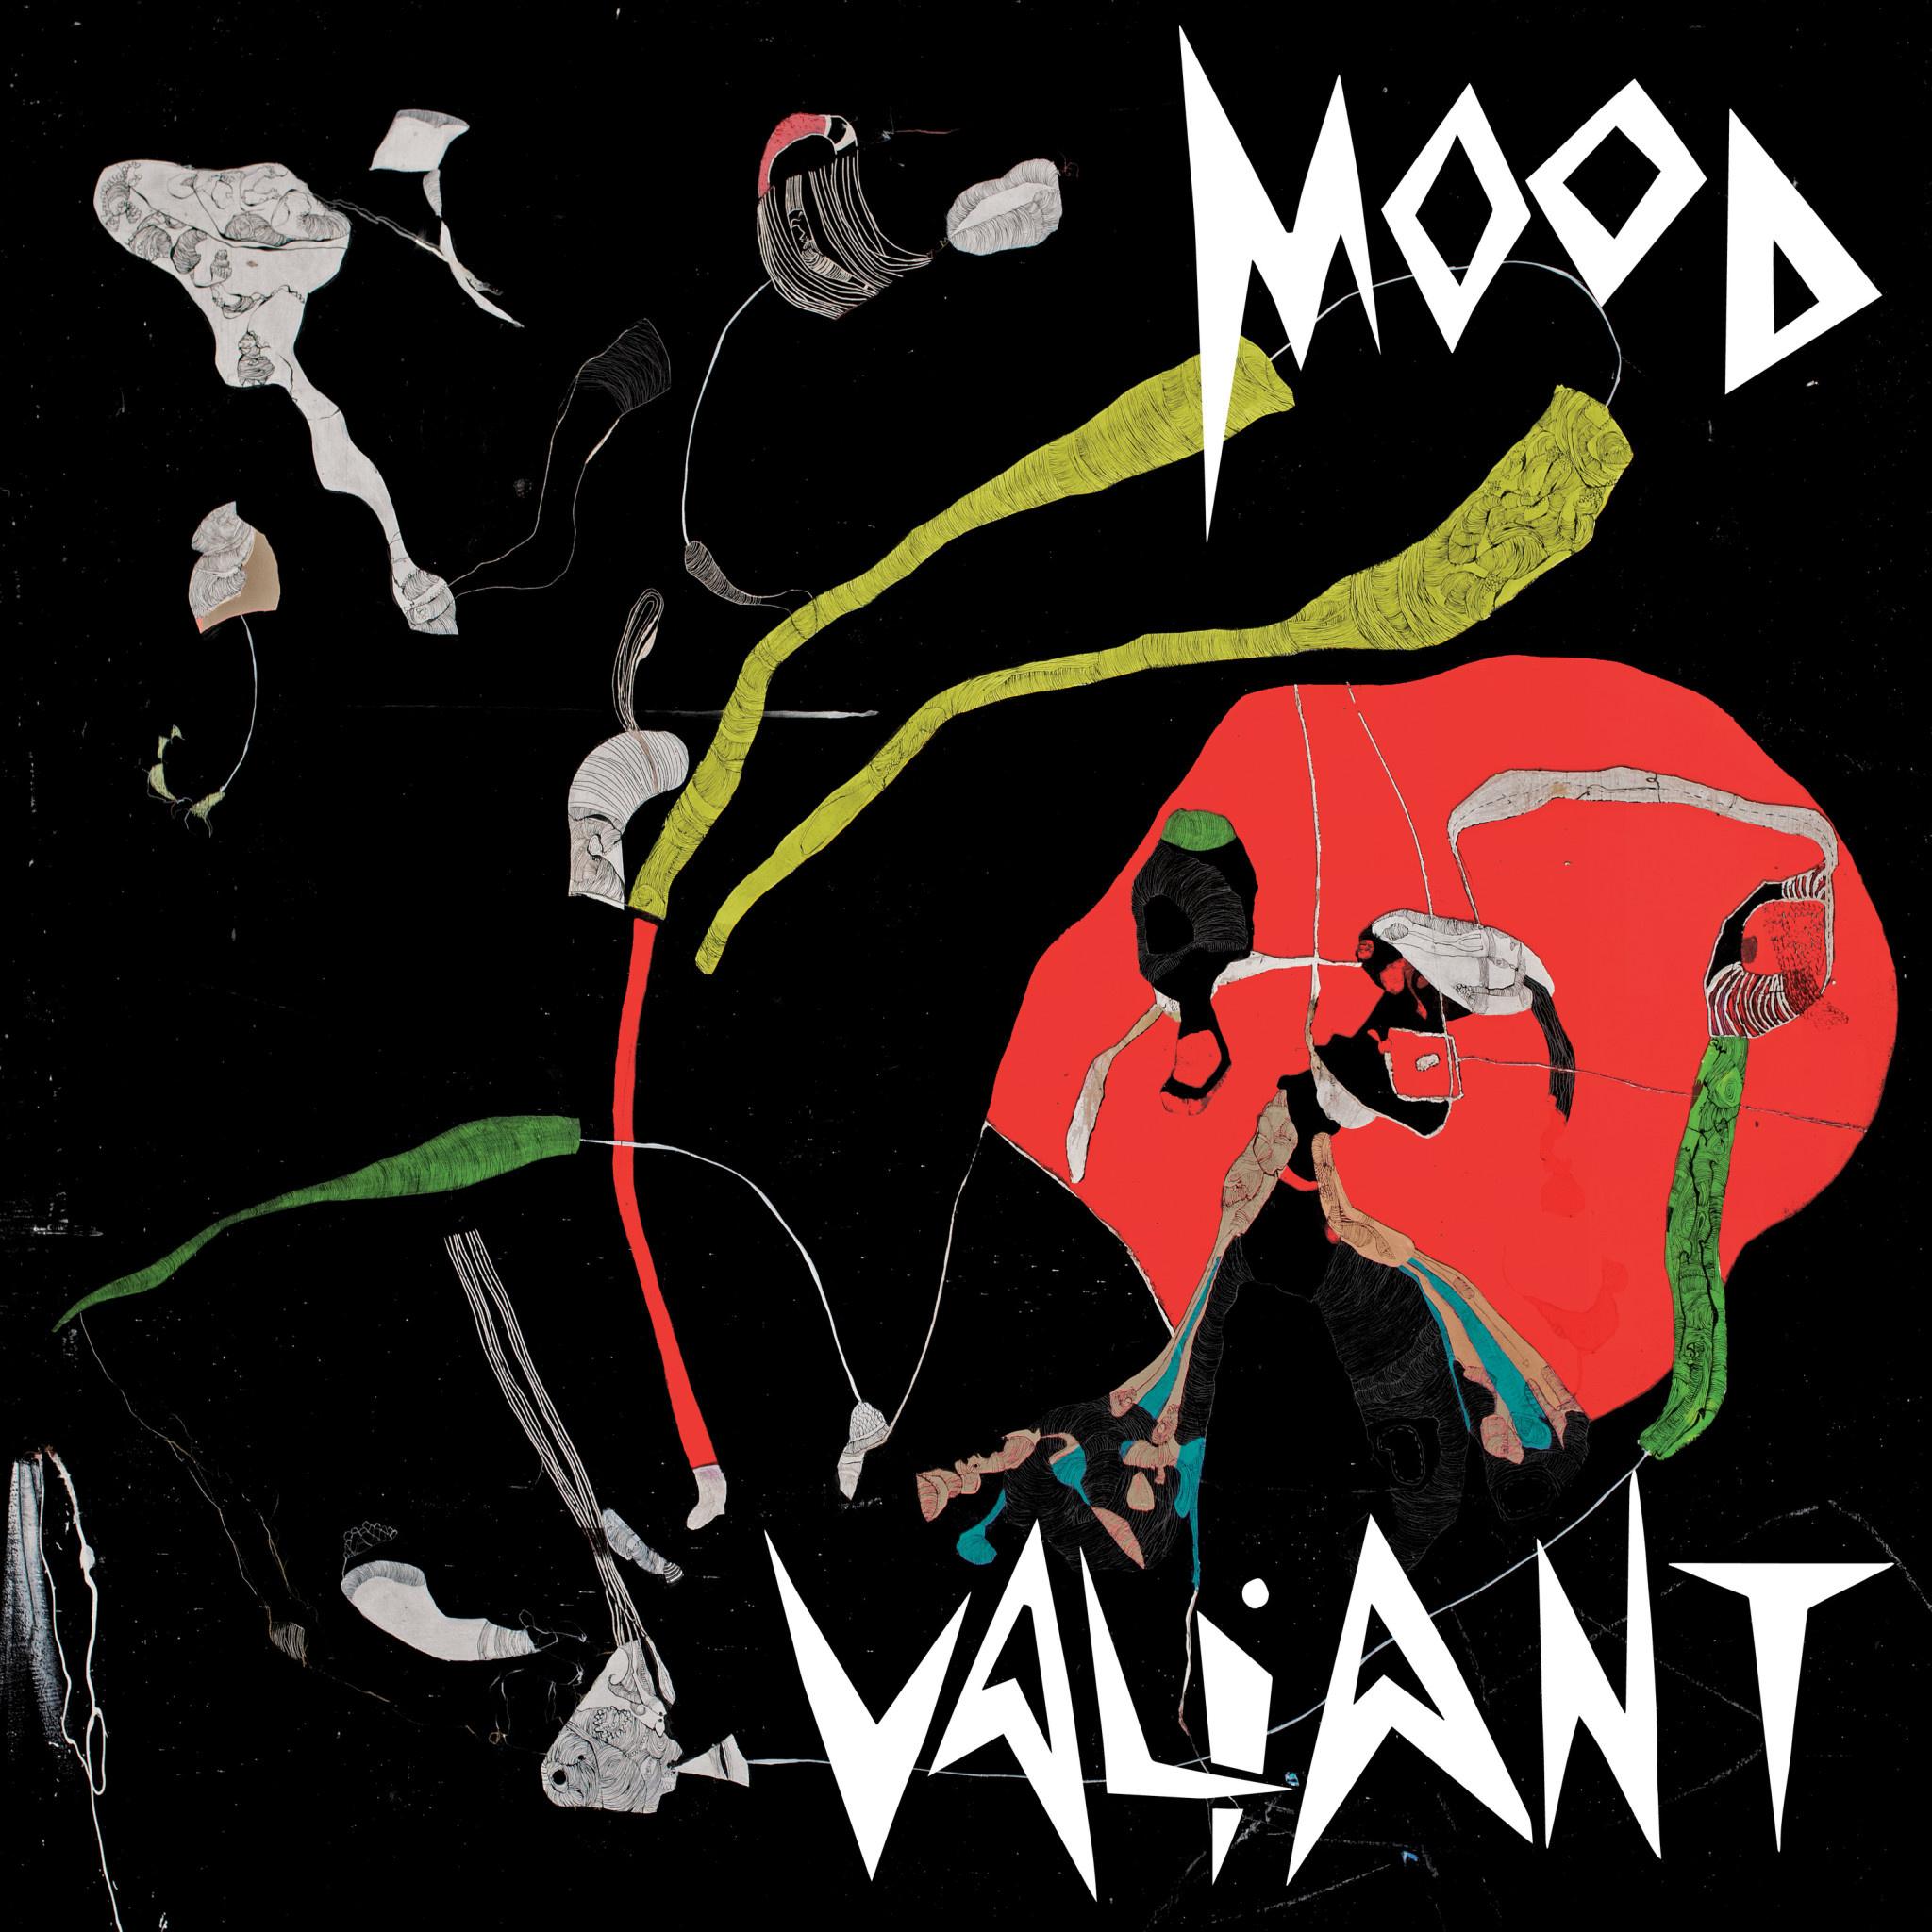 Brainfeeder Hiatus Kaiyote - Mood Valiant (Deluxe)